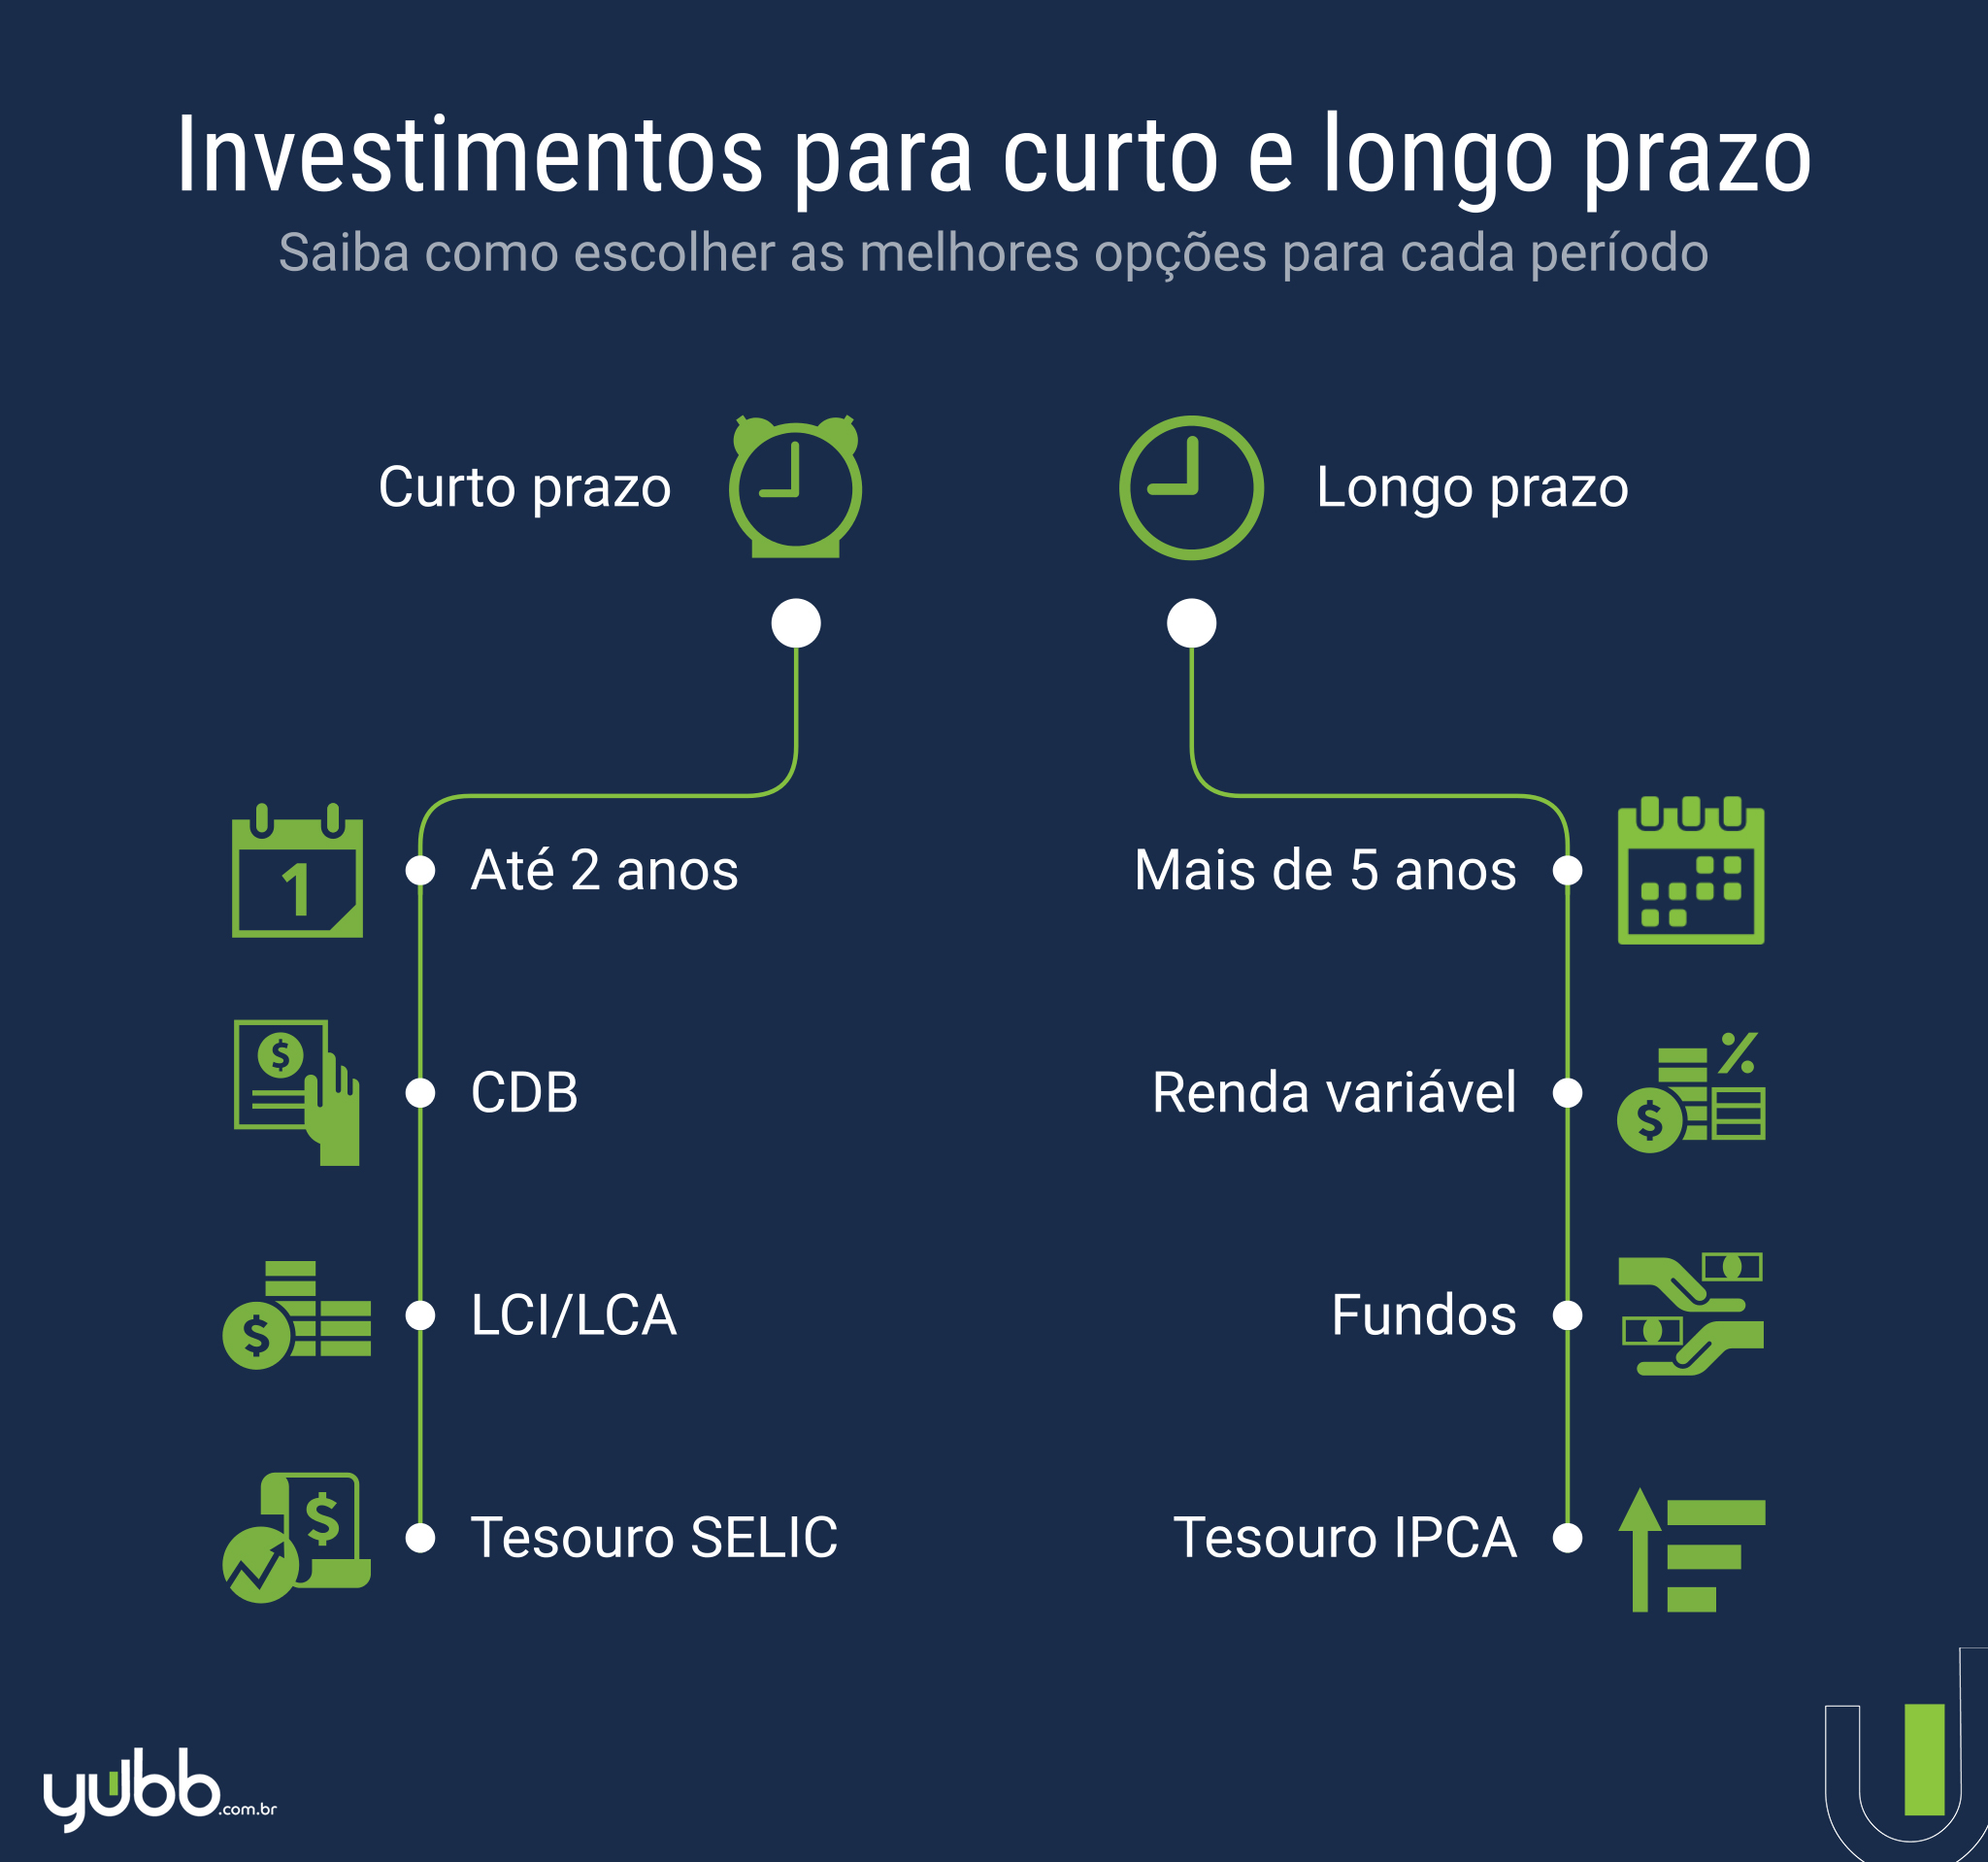 os melhores investimentos de curto e longo prazo